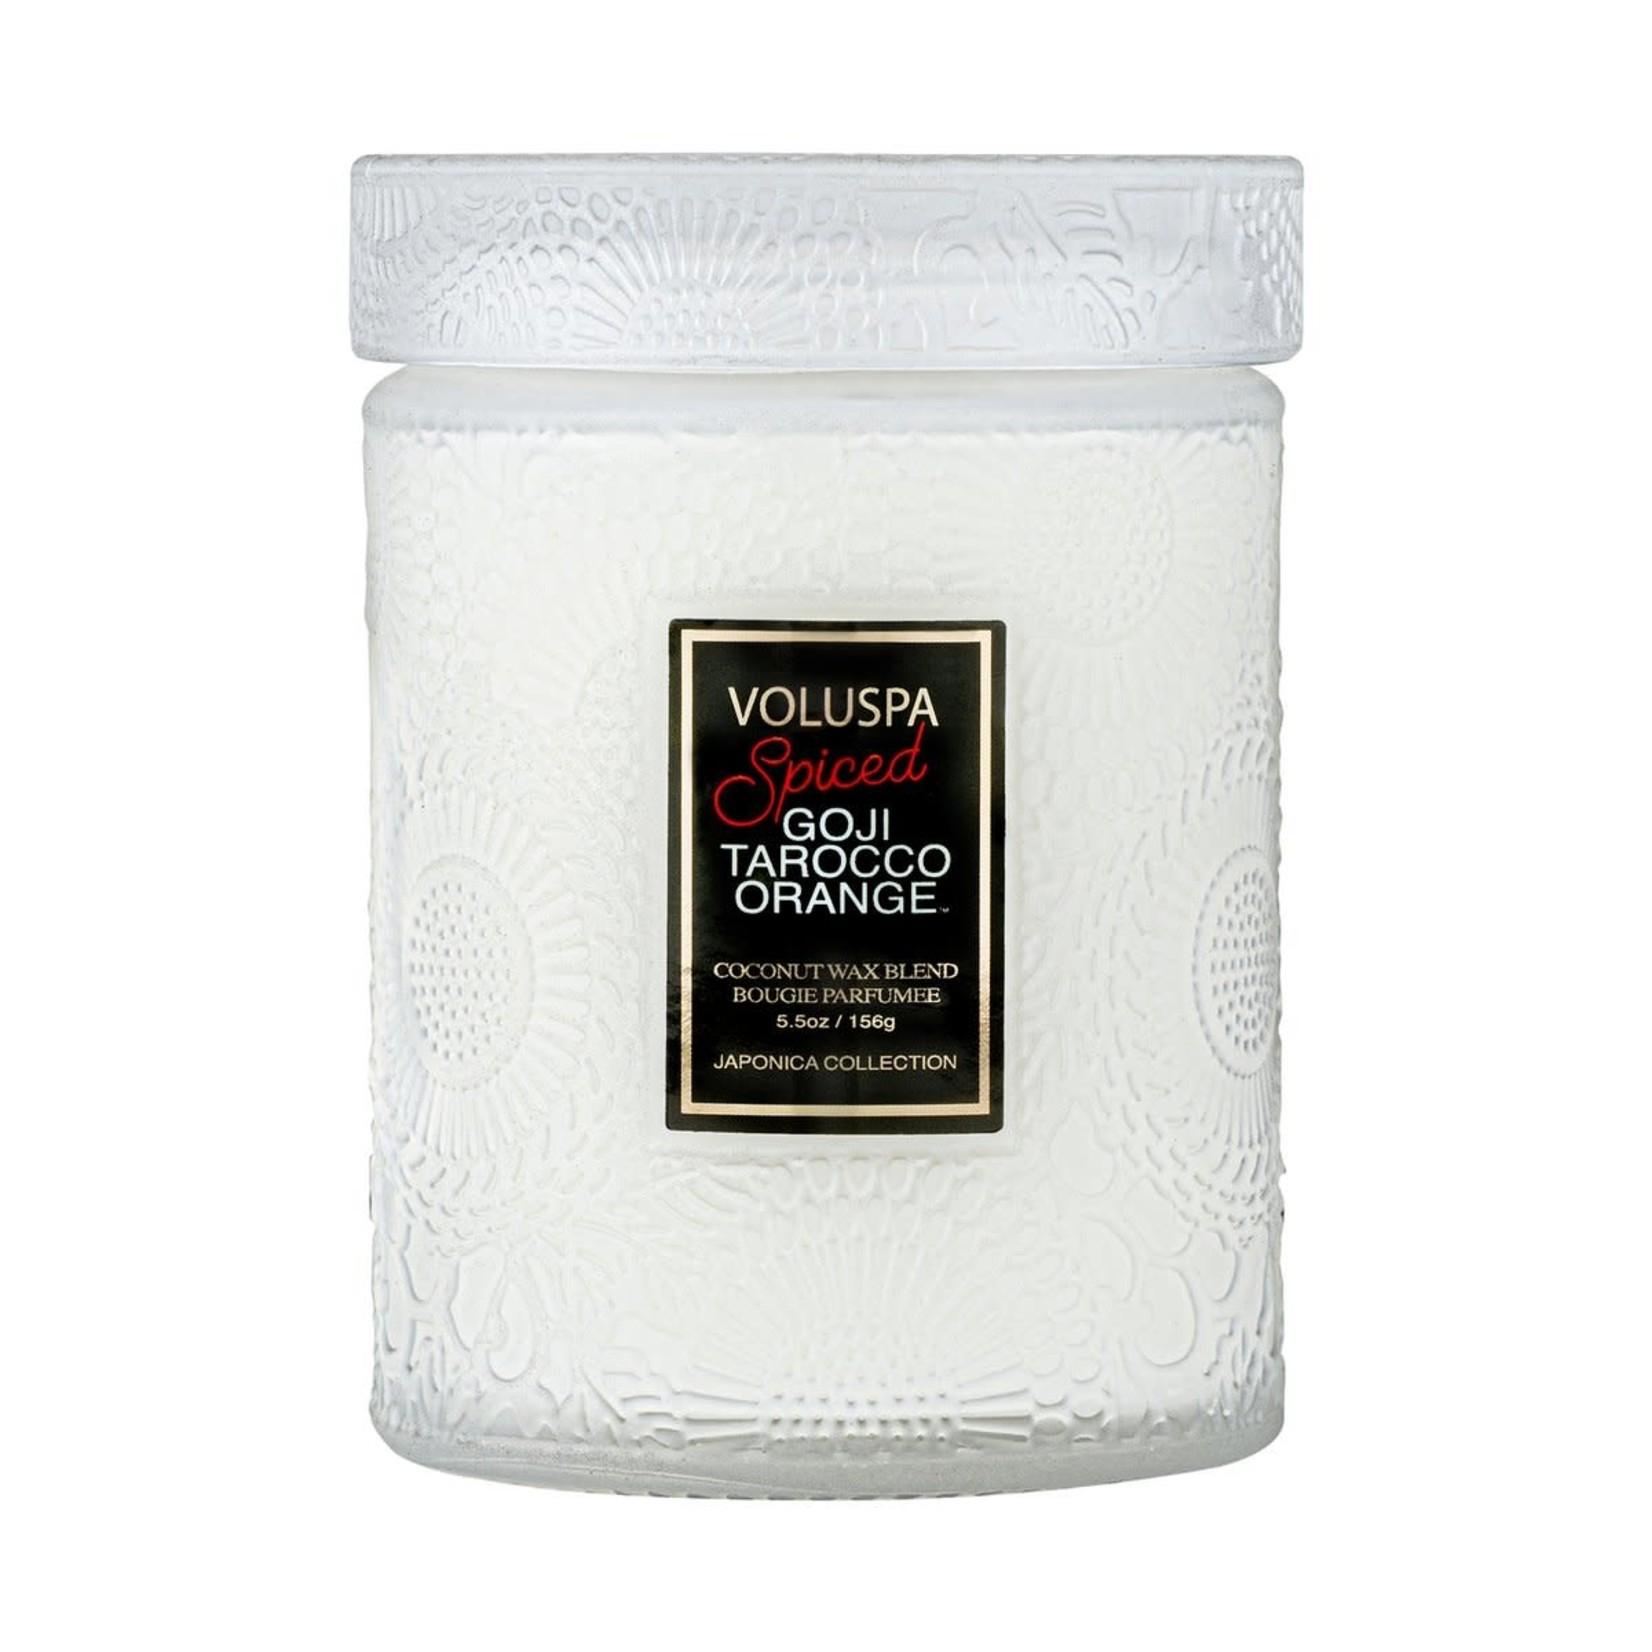 Voluspa Spiced Goji Small Jar Candle